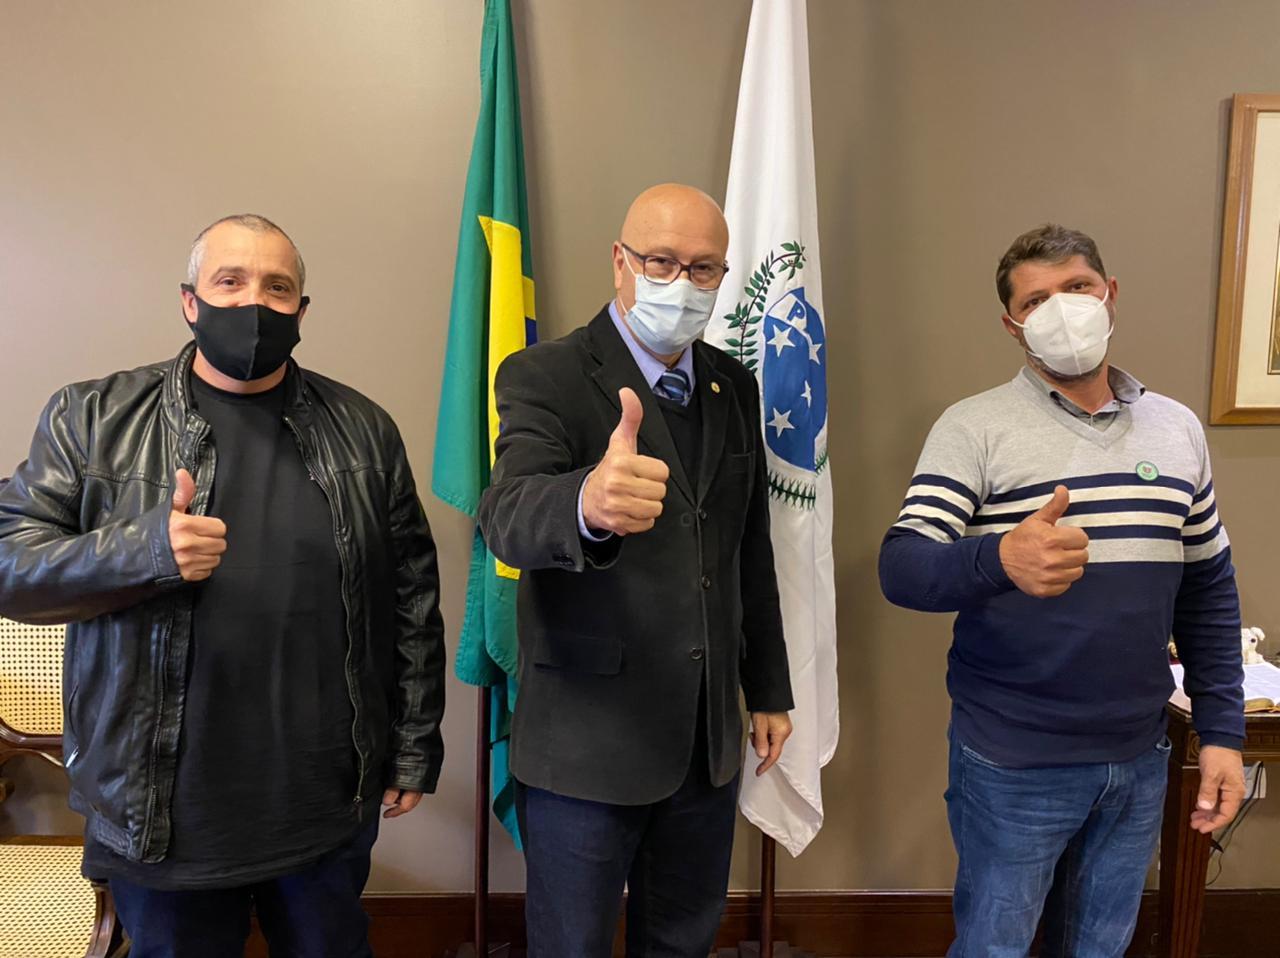 Na manhã desta terça-feira (06), Presidente da Câmara , Edmundo Lopes e Vice-Presidente Marcelo Scerbo , visitou o Gabinete do Deputado Estadual, Luiz Claudio Romanelli.